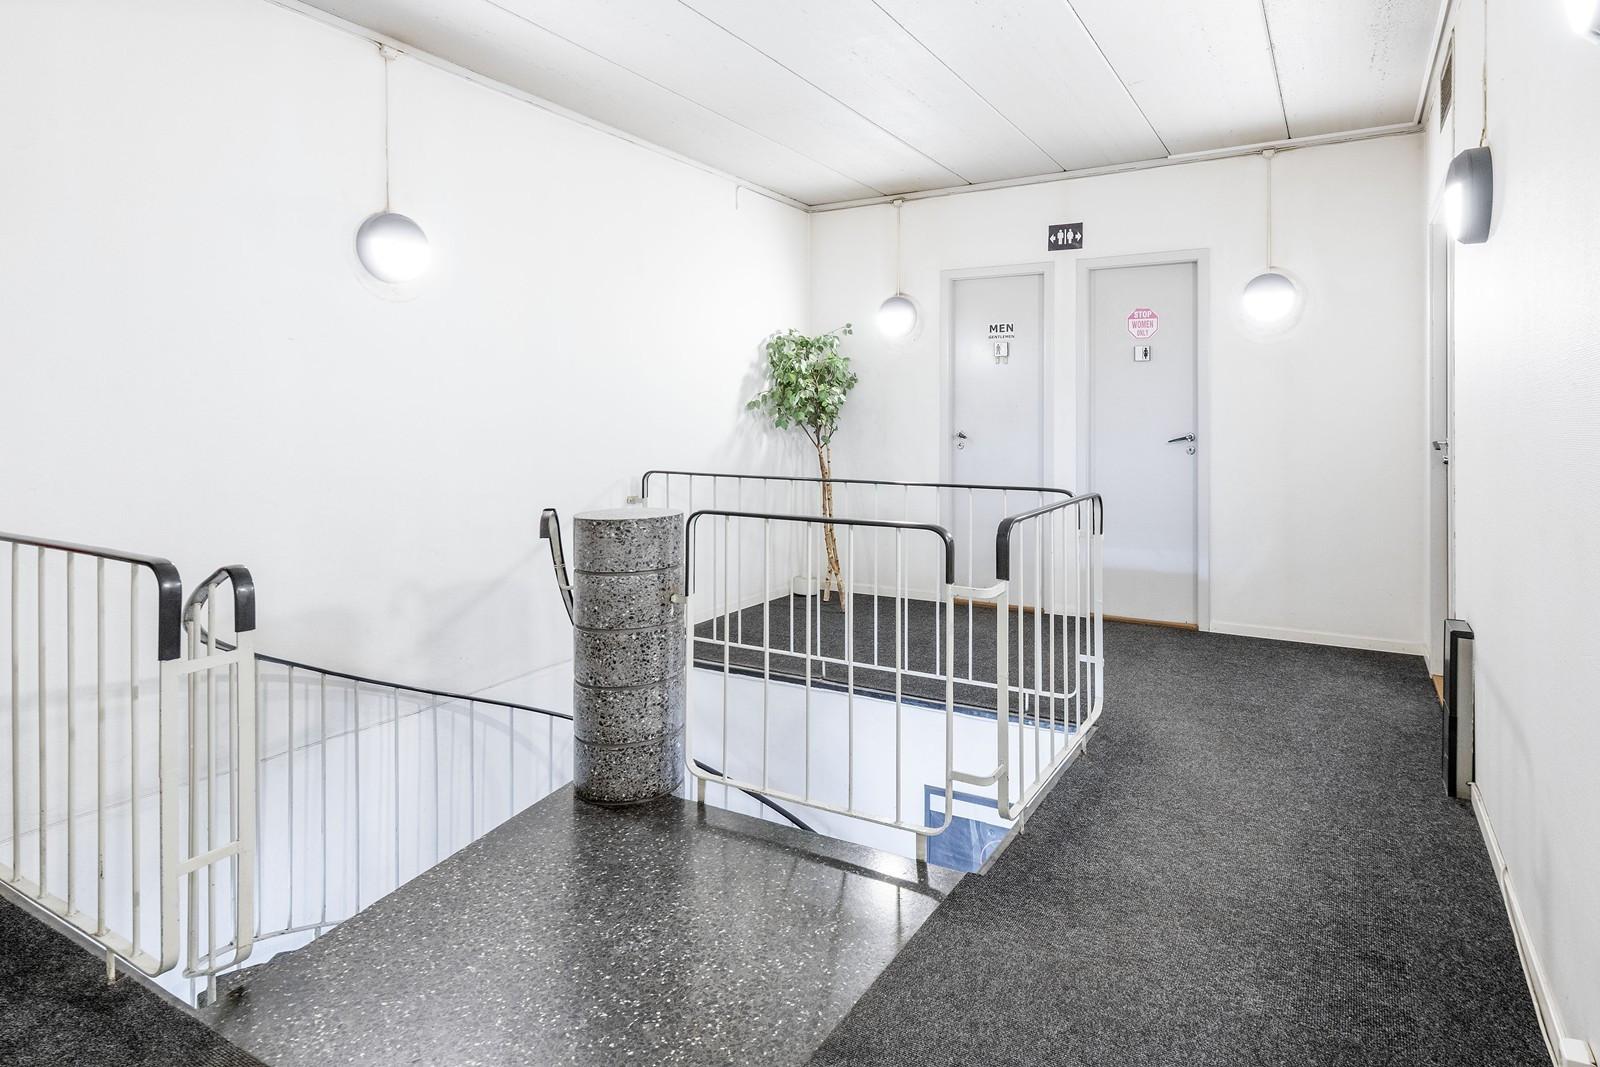 Felles trappegang og toaletter i 2. etasje